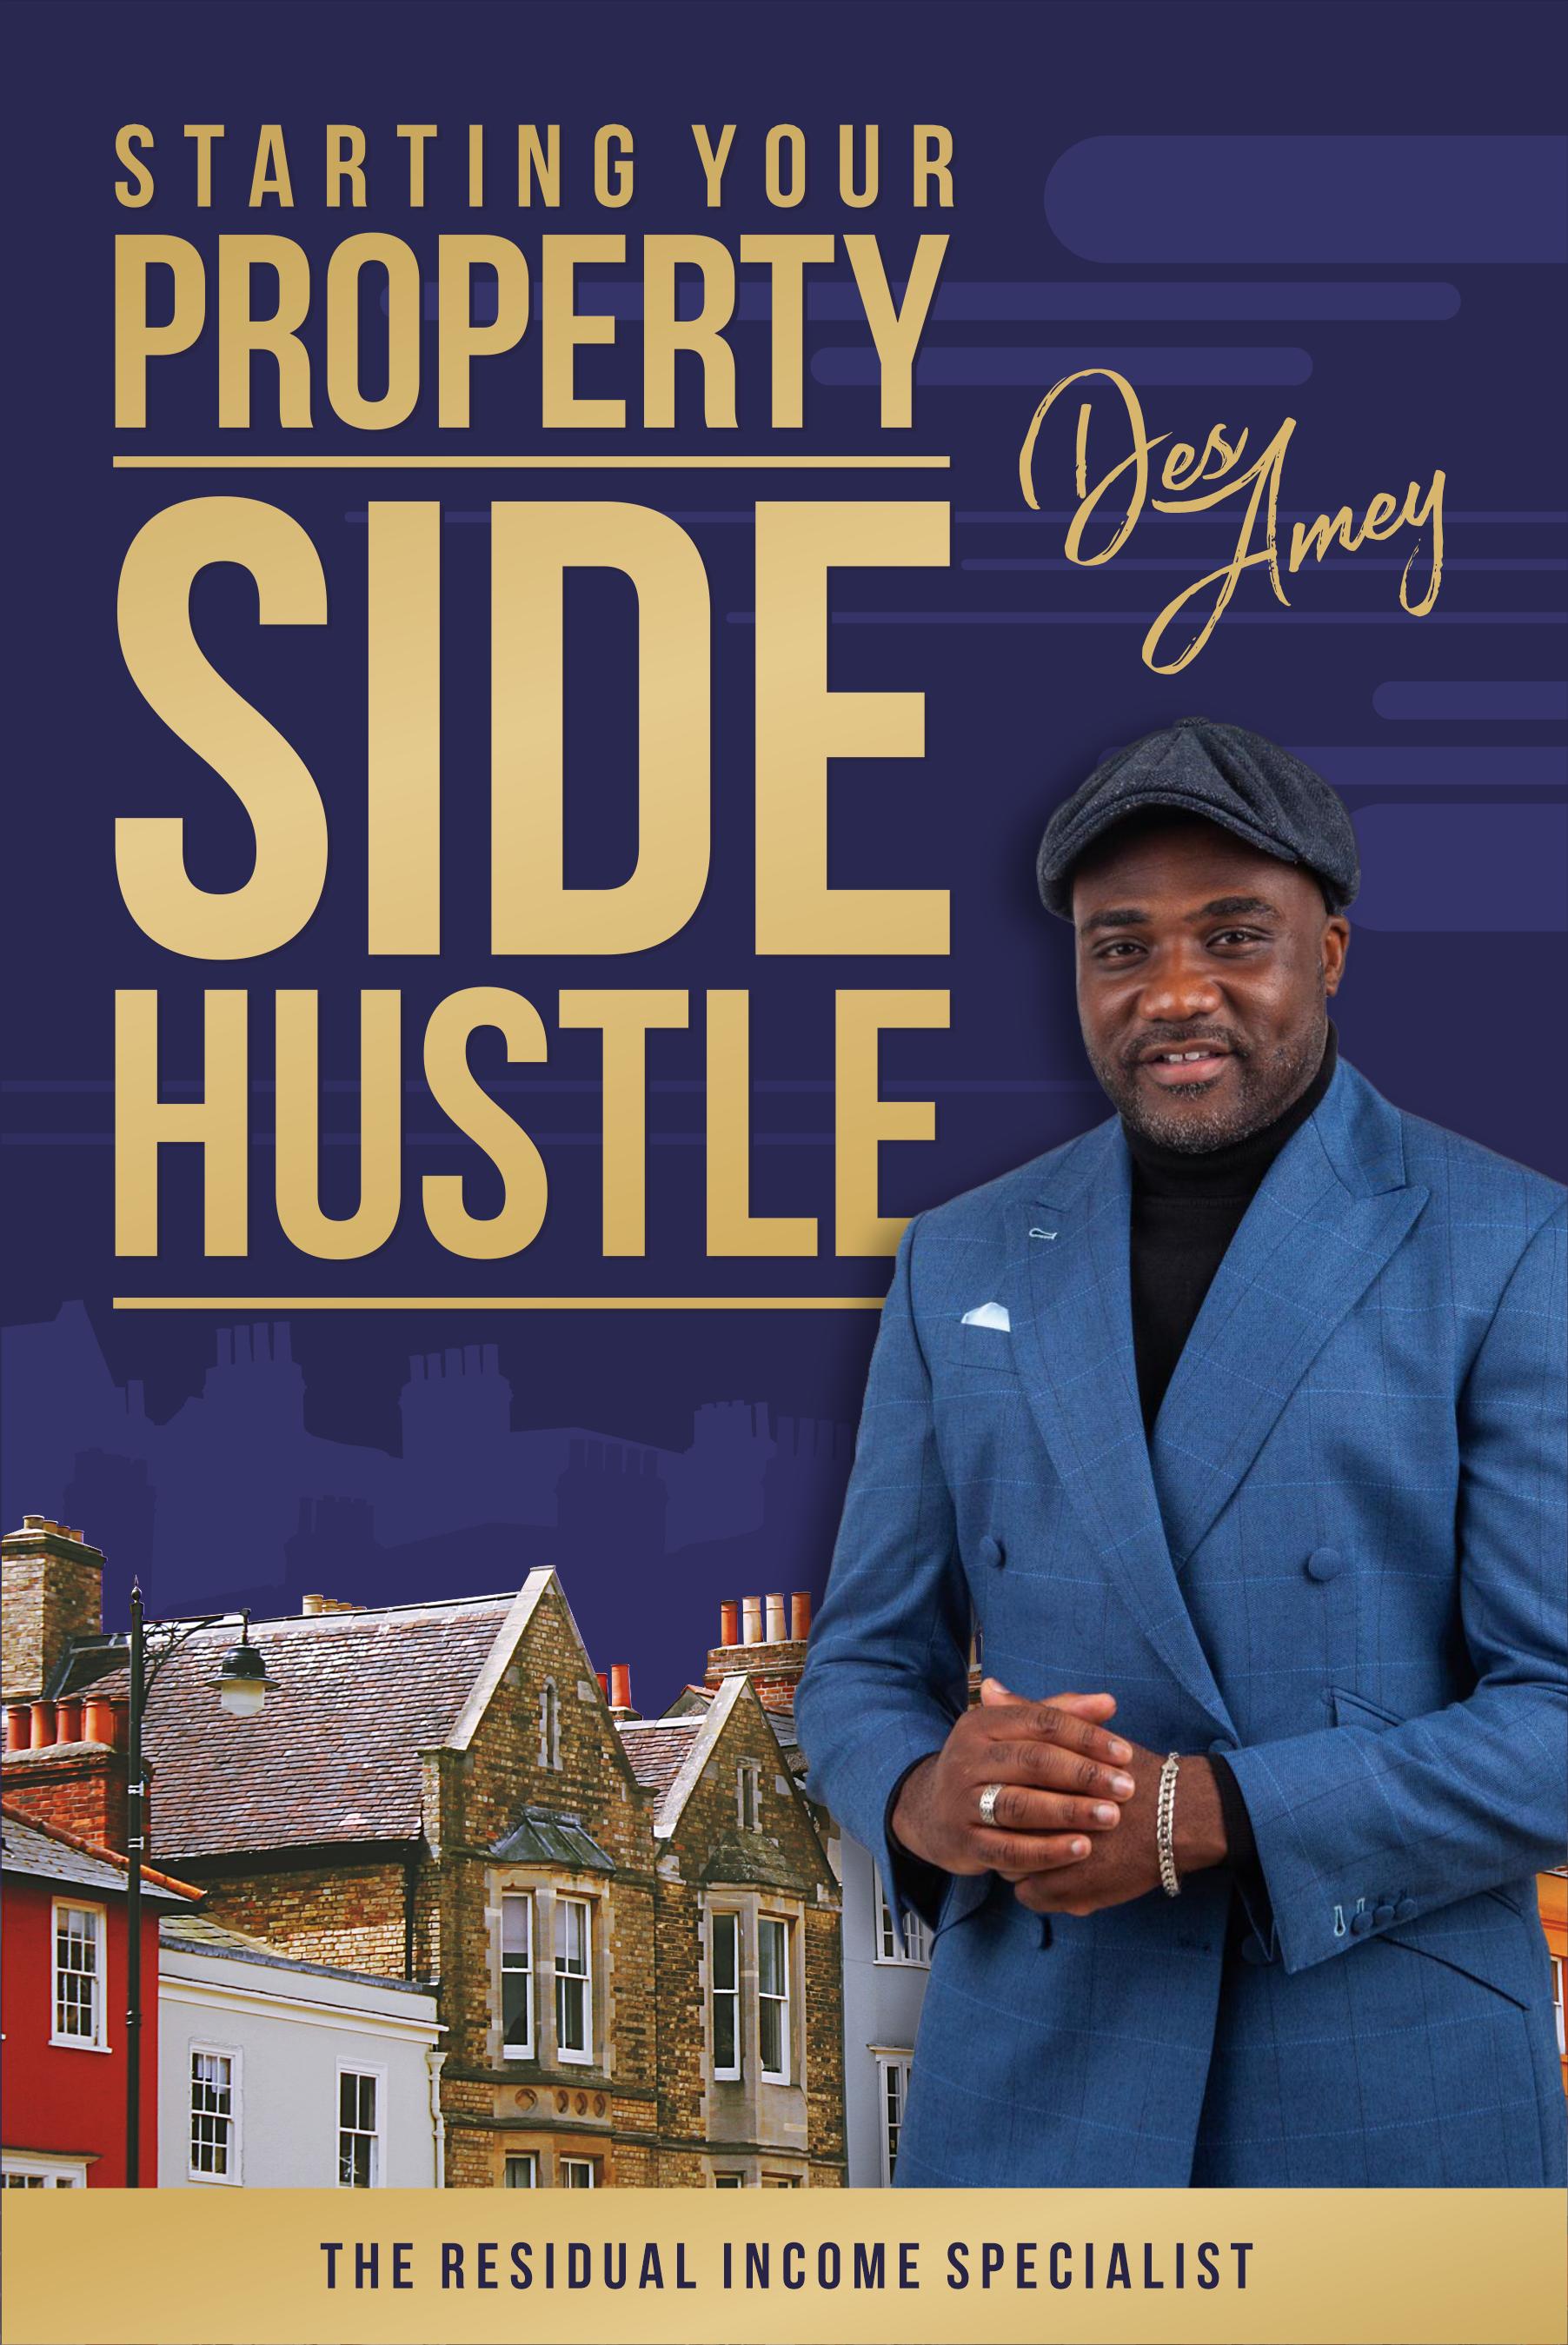 Des Amey - Property Side Hustle